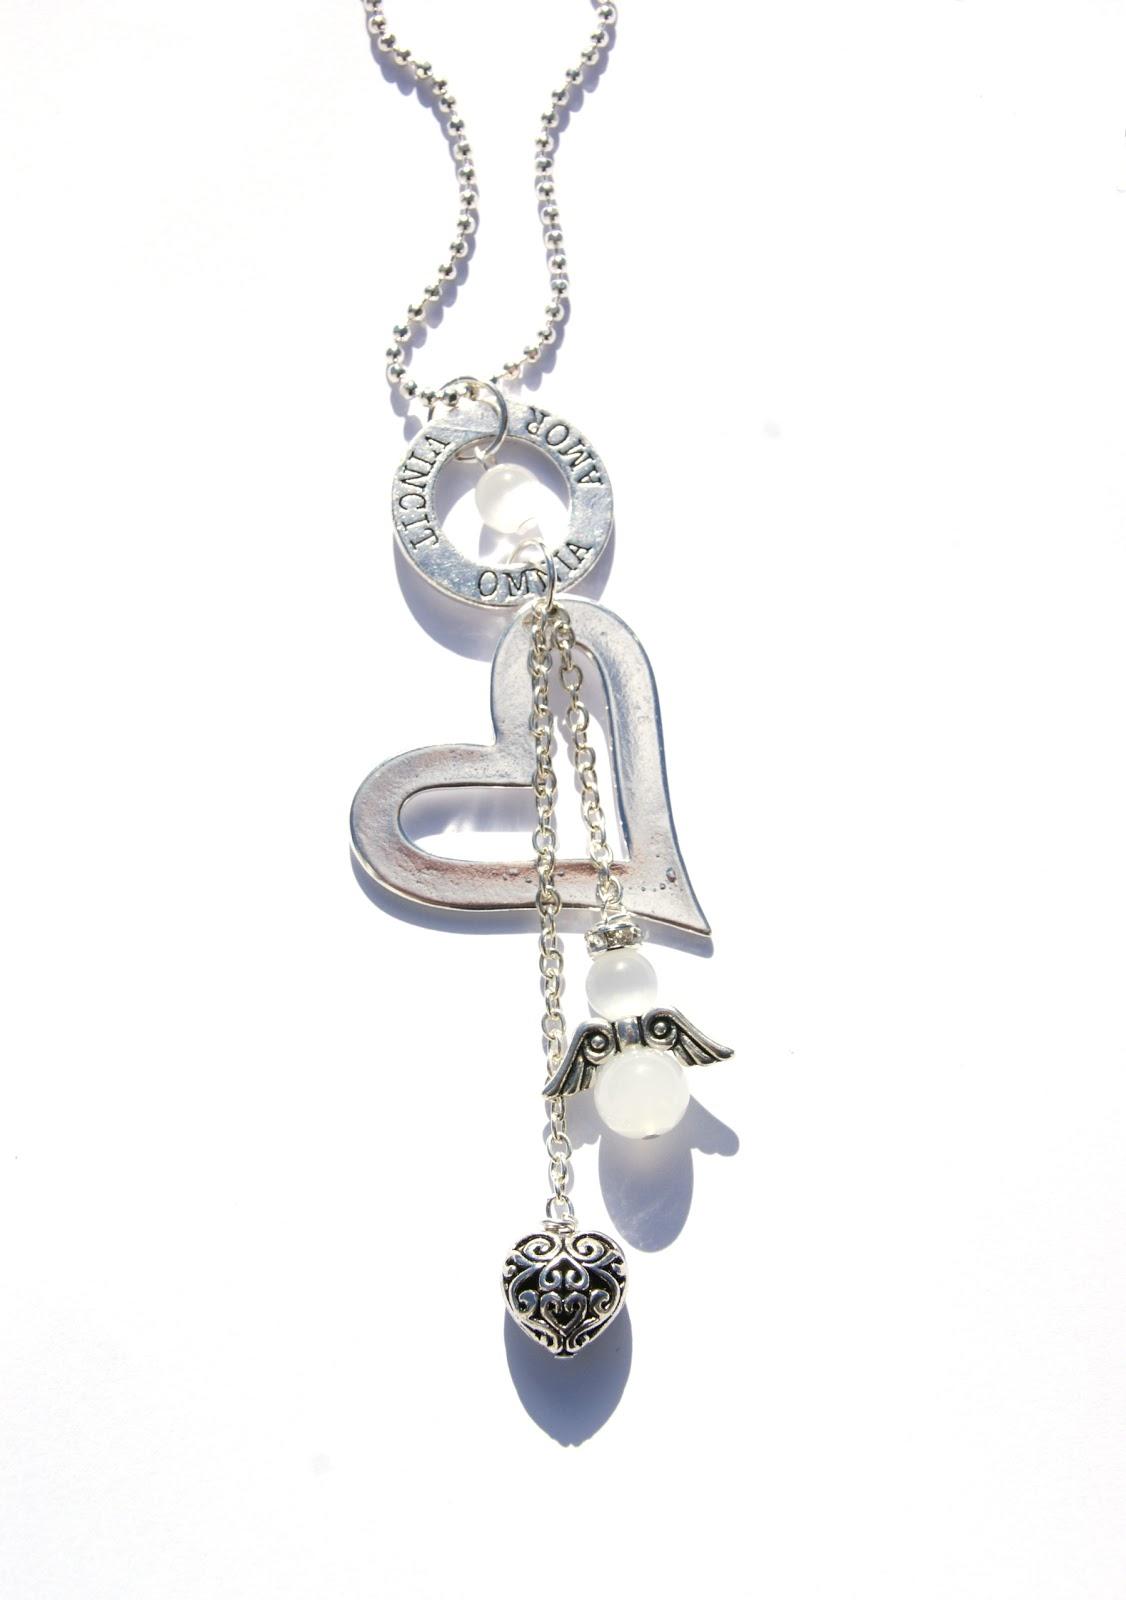 Långt halsband med stort silverpläterat hjärta 1905040df5332